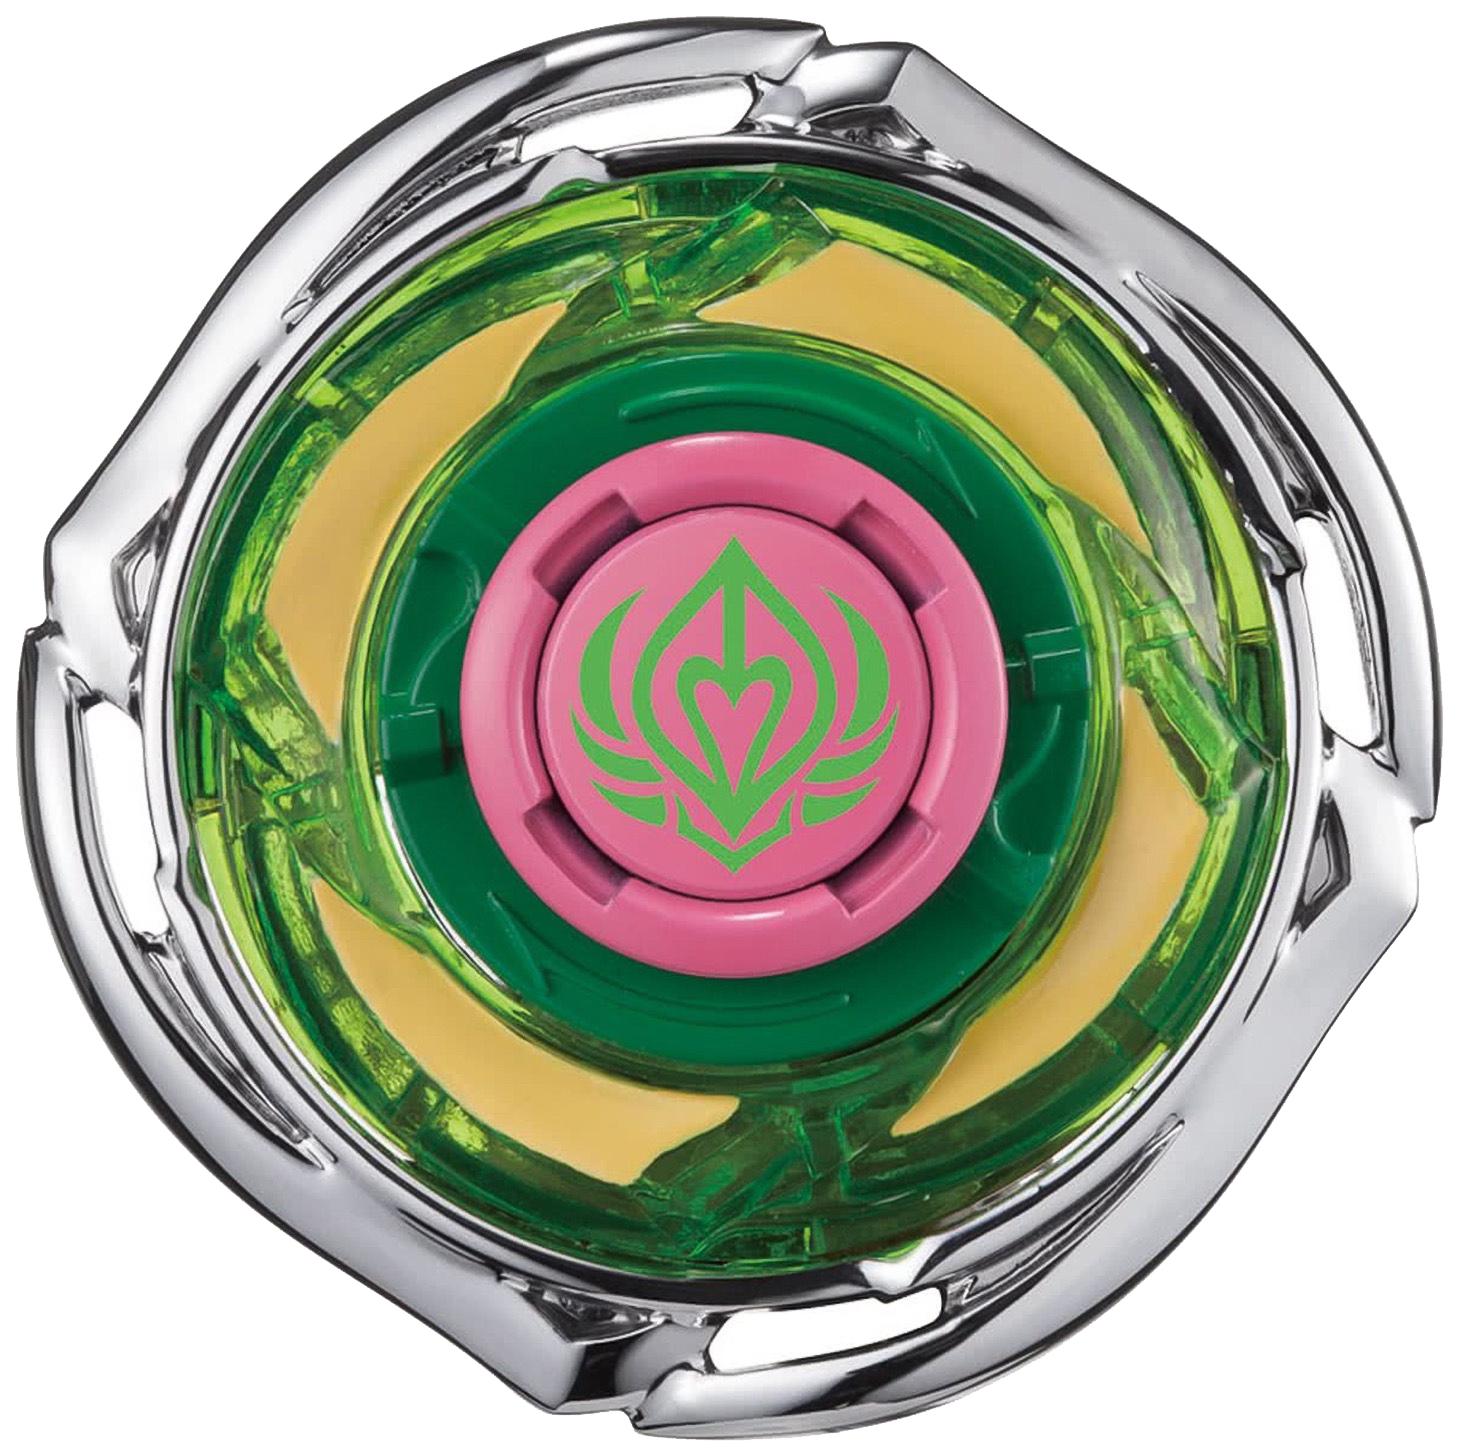 Купить Infinity Nado 36048I Инфинити Надо Волчок Стандарт, Glittering Butterfly, NoBrand, Игровые наборы